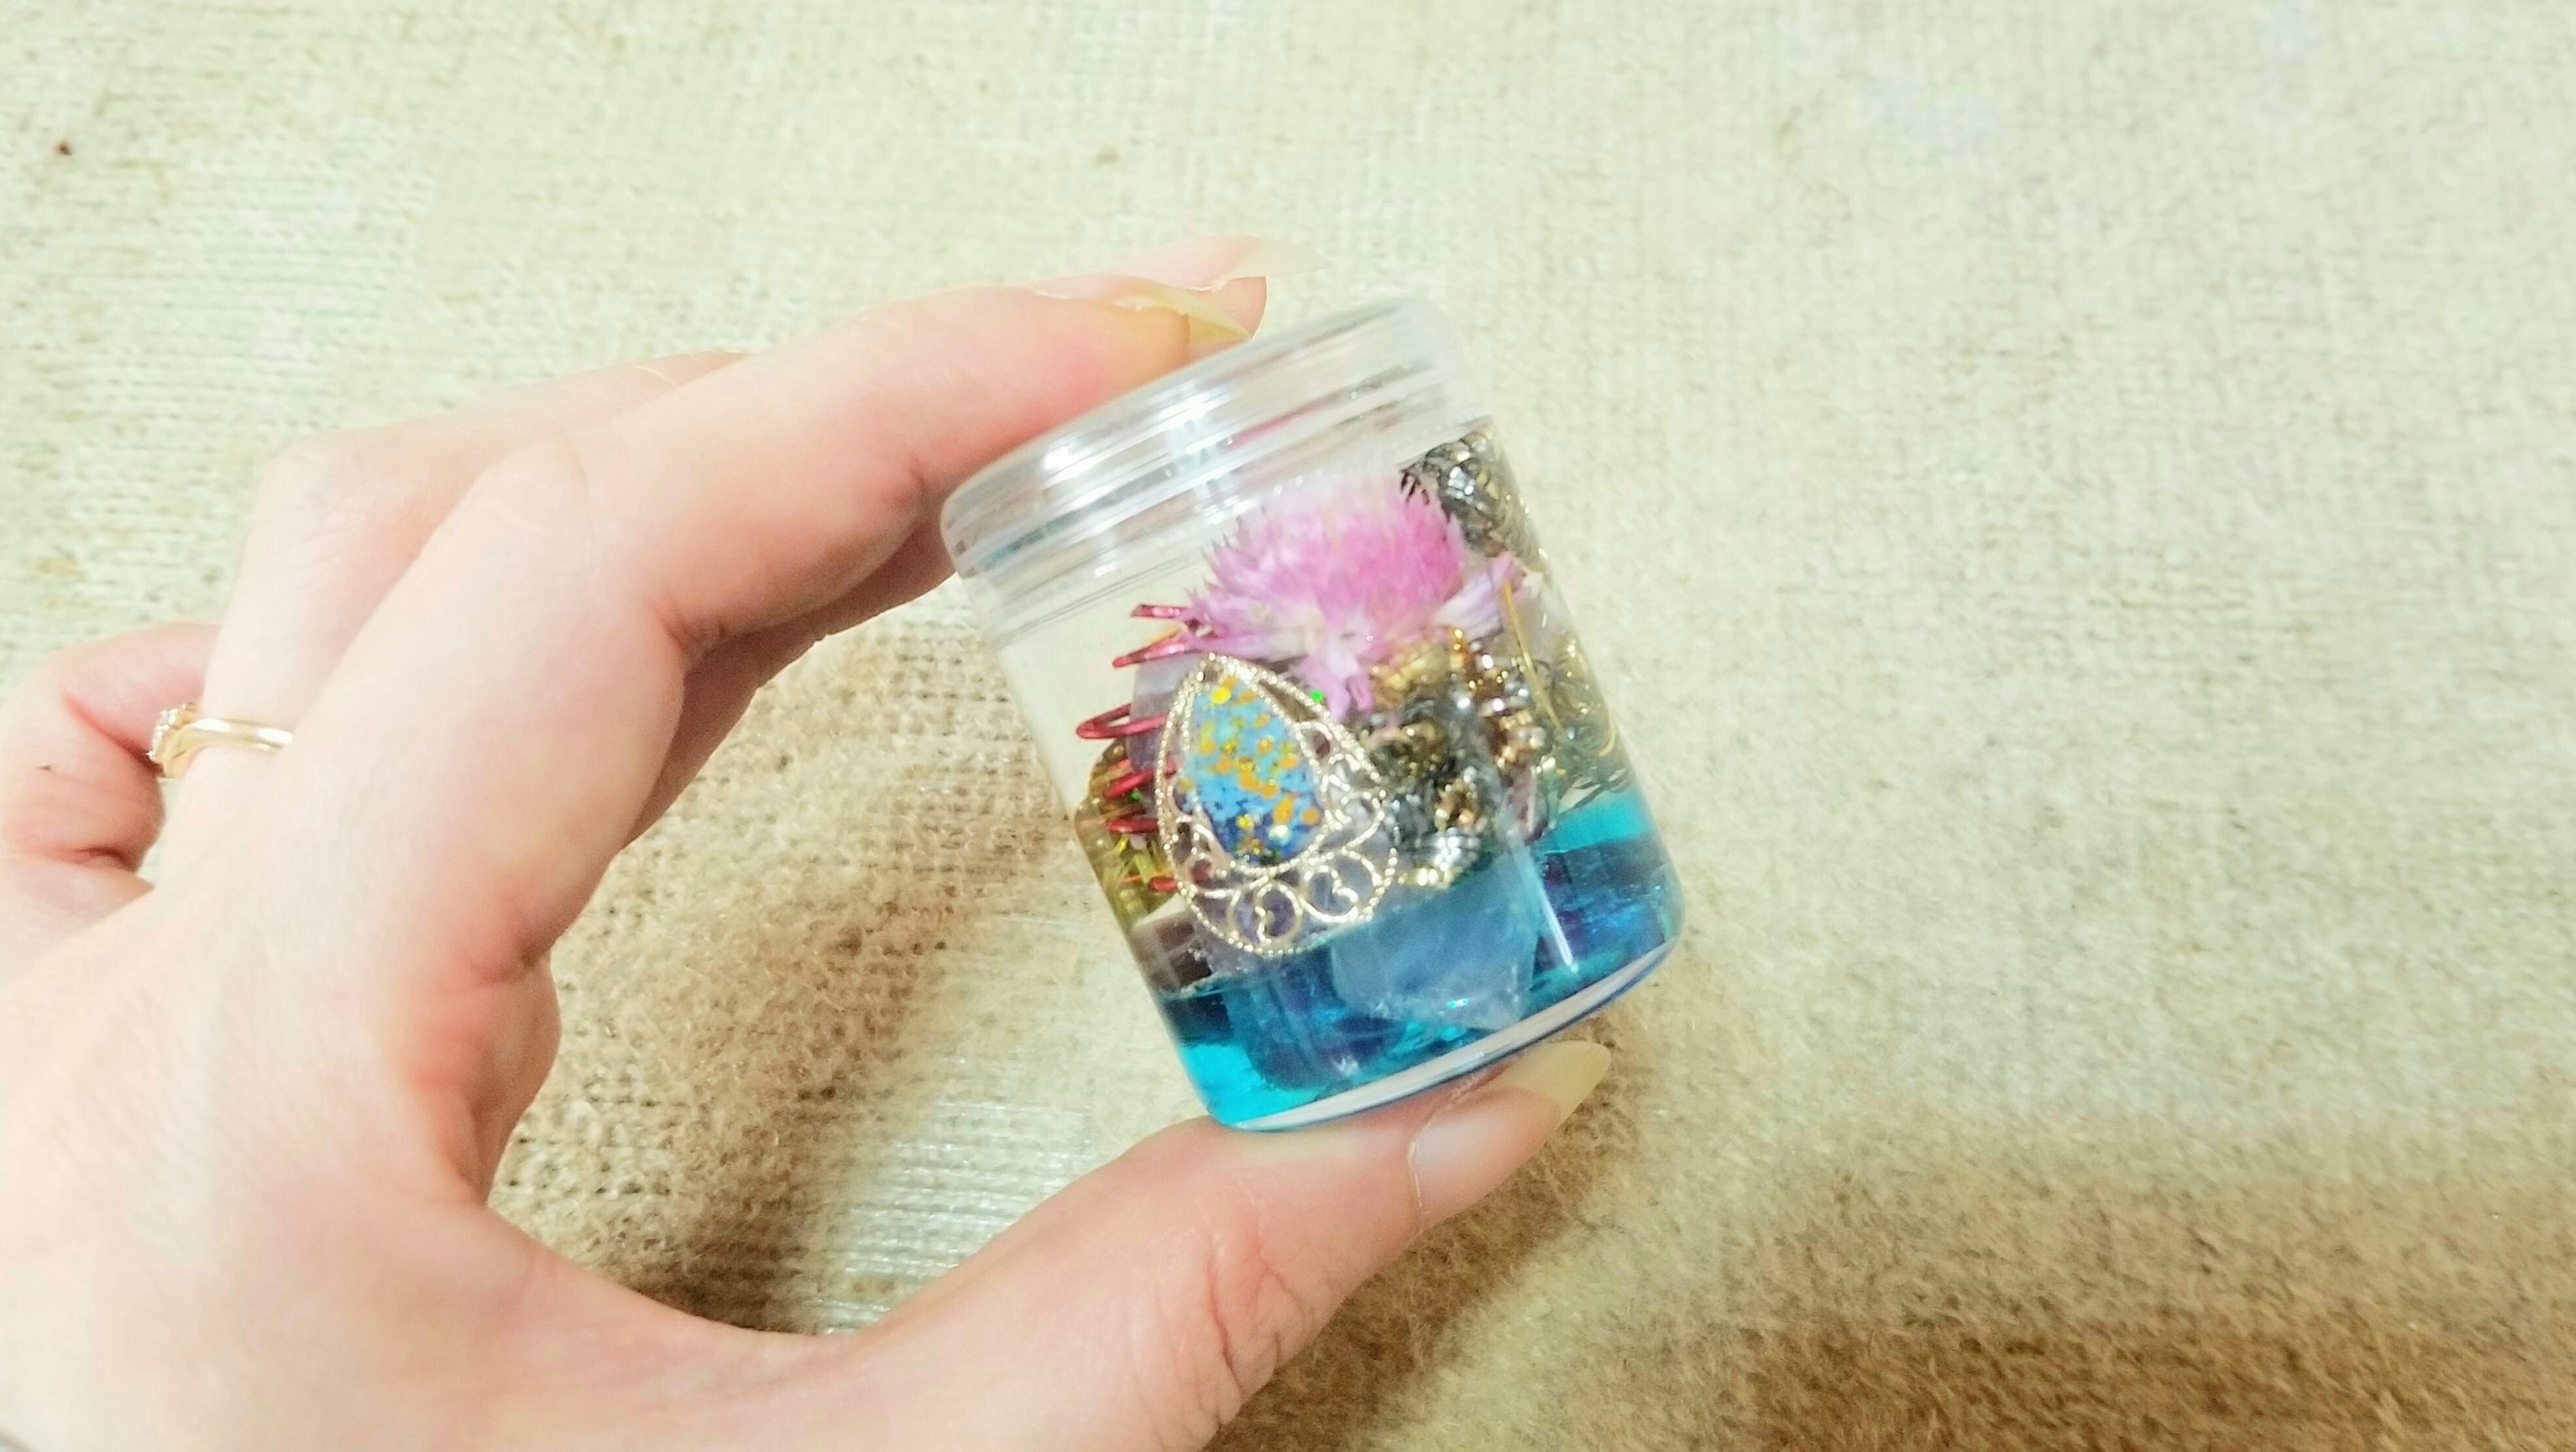 ハンドメイド小物手作りアート作品レジン